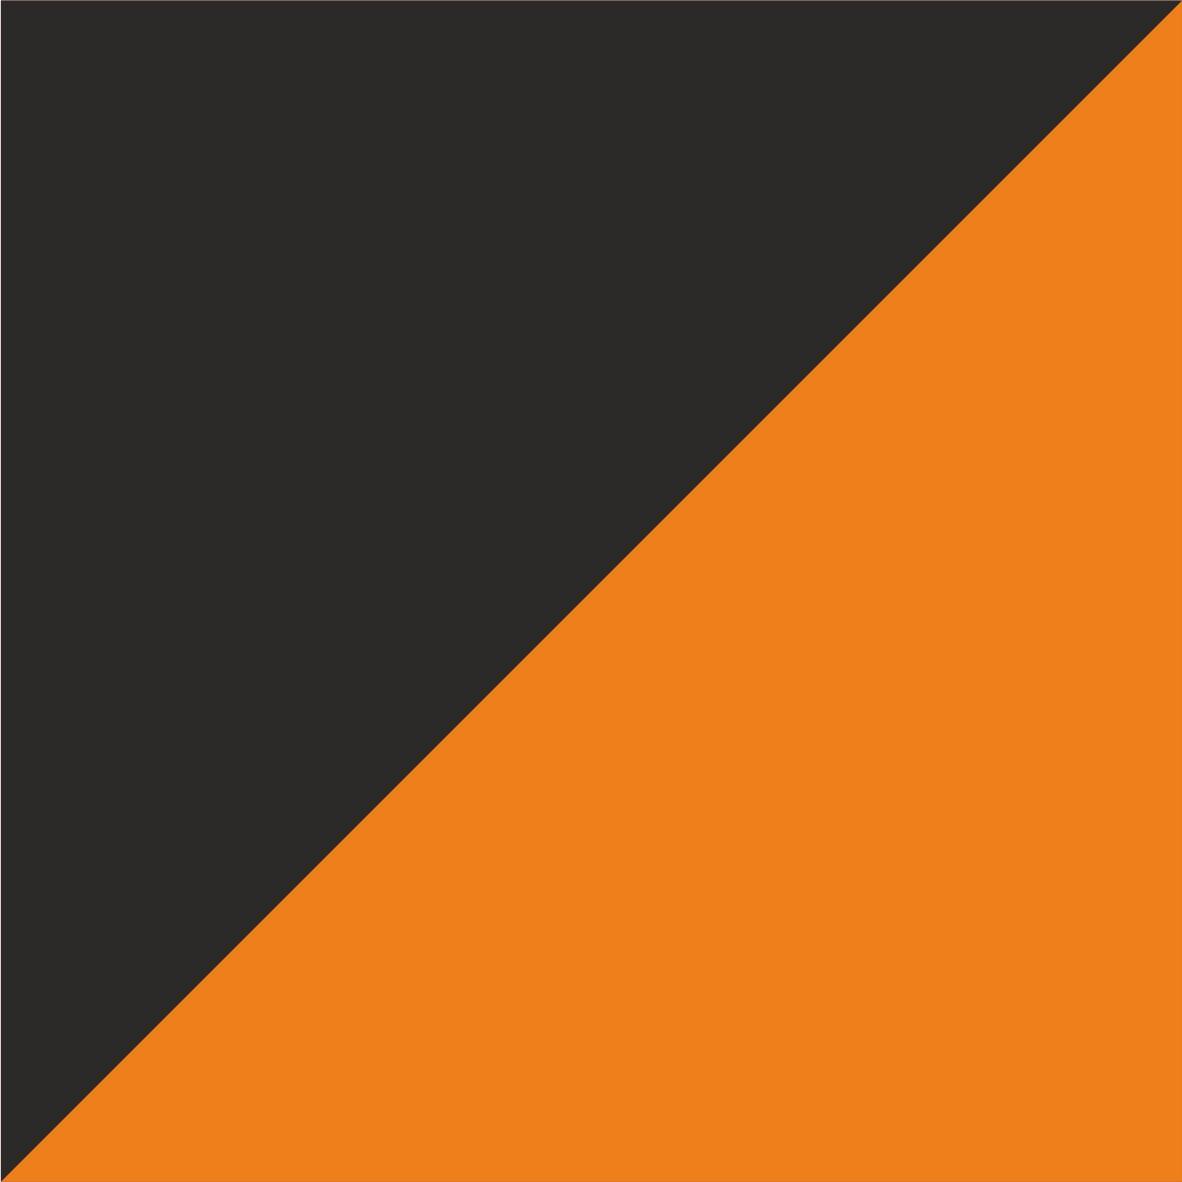 czarno-pomarańczowy